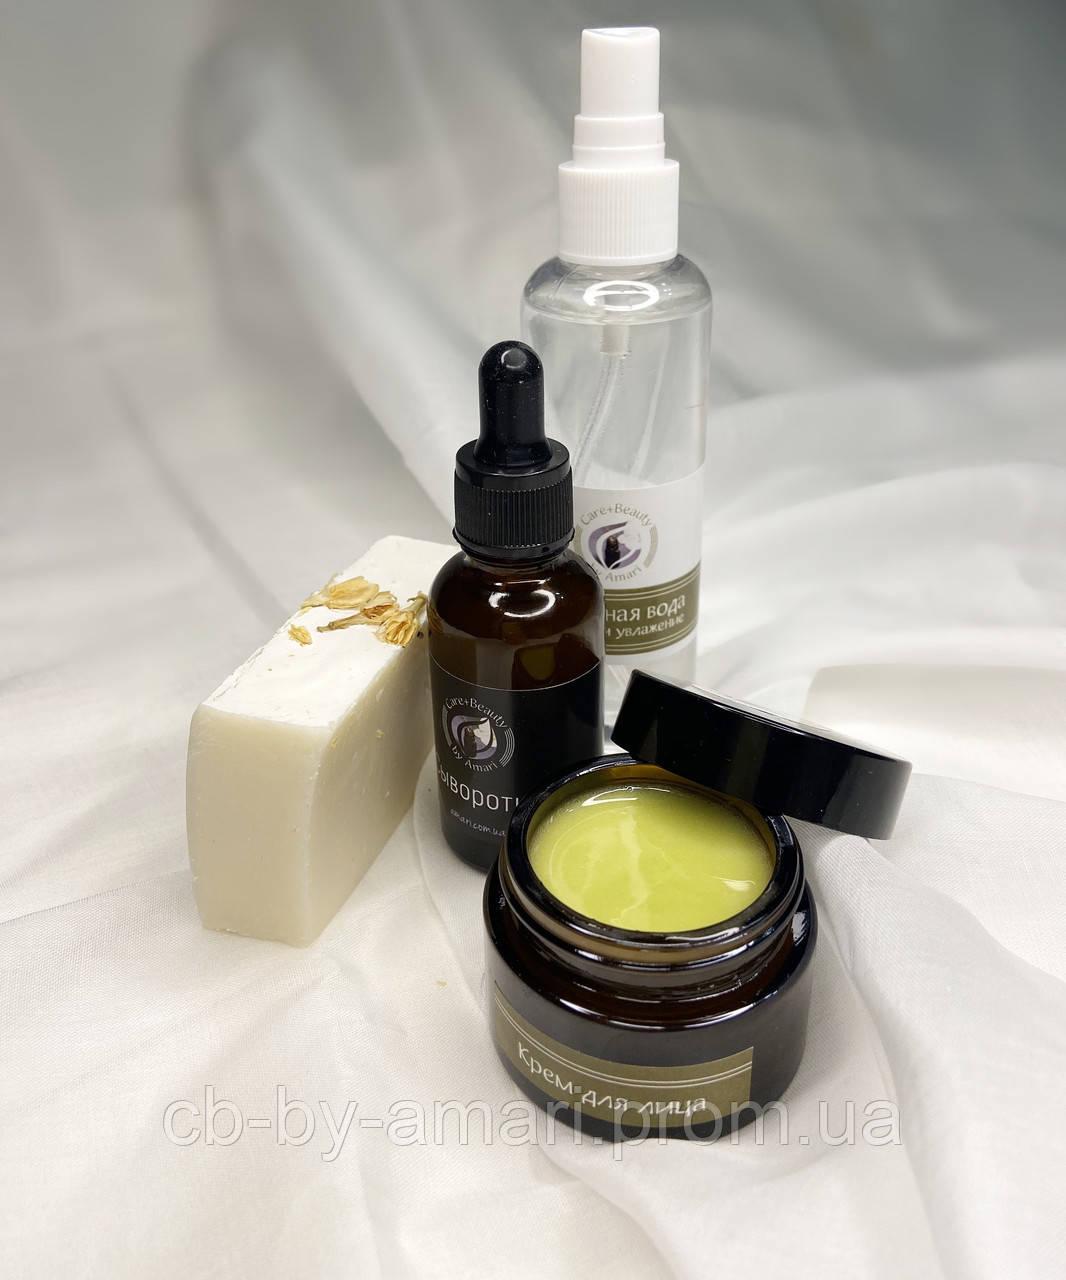 Набор для увядающей кожи